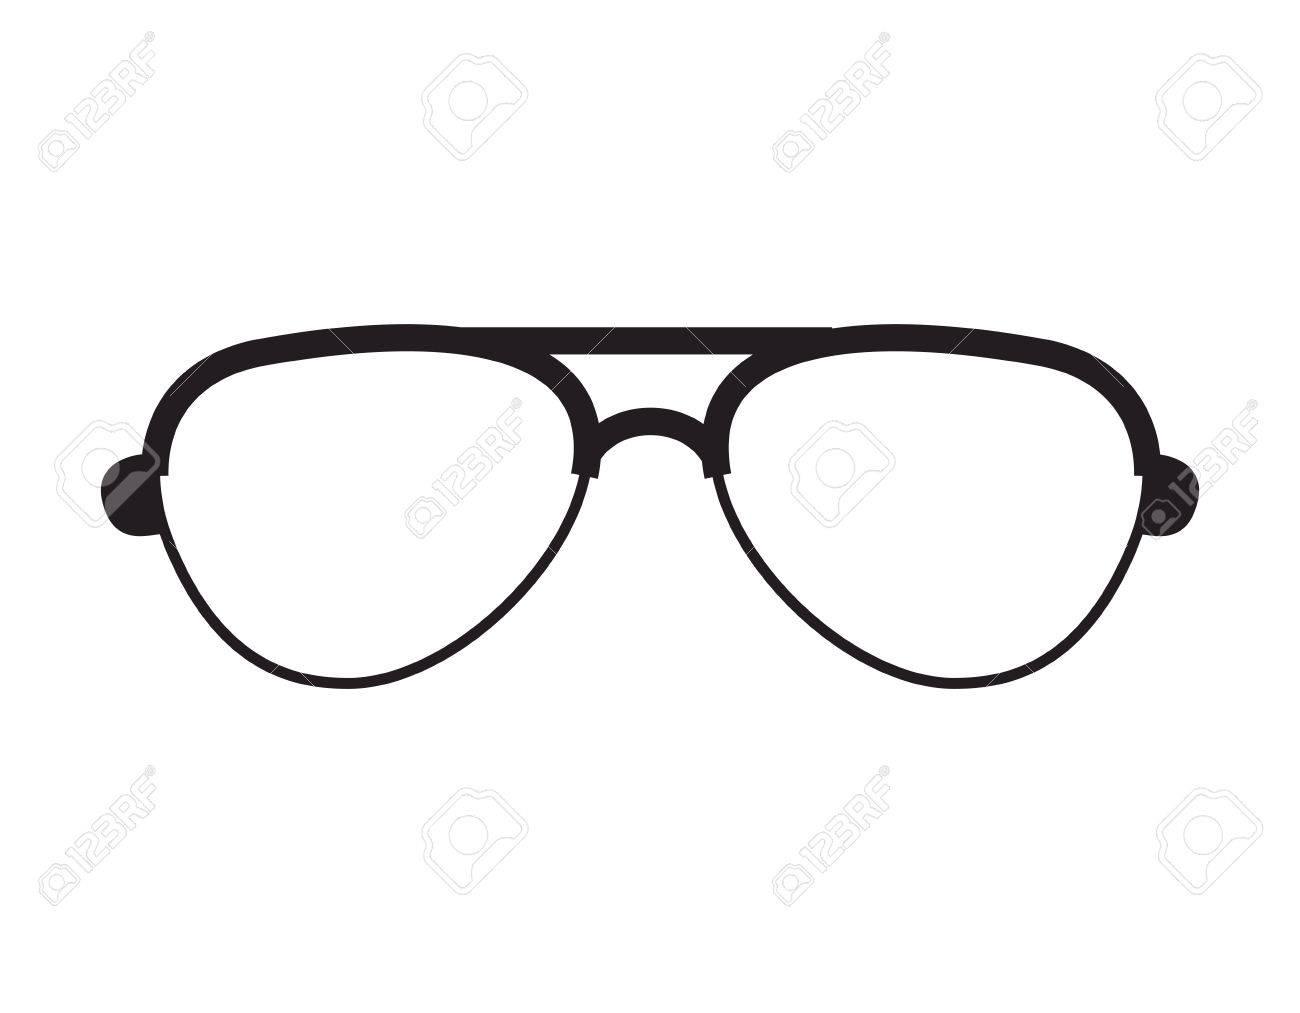 眼鏡ファッション眼鏡ヒップ スタイル アクセサリー ベクトル イラストの